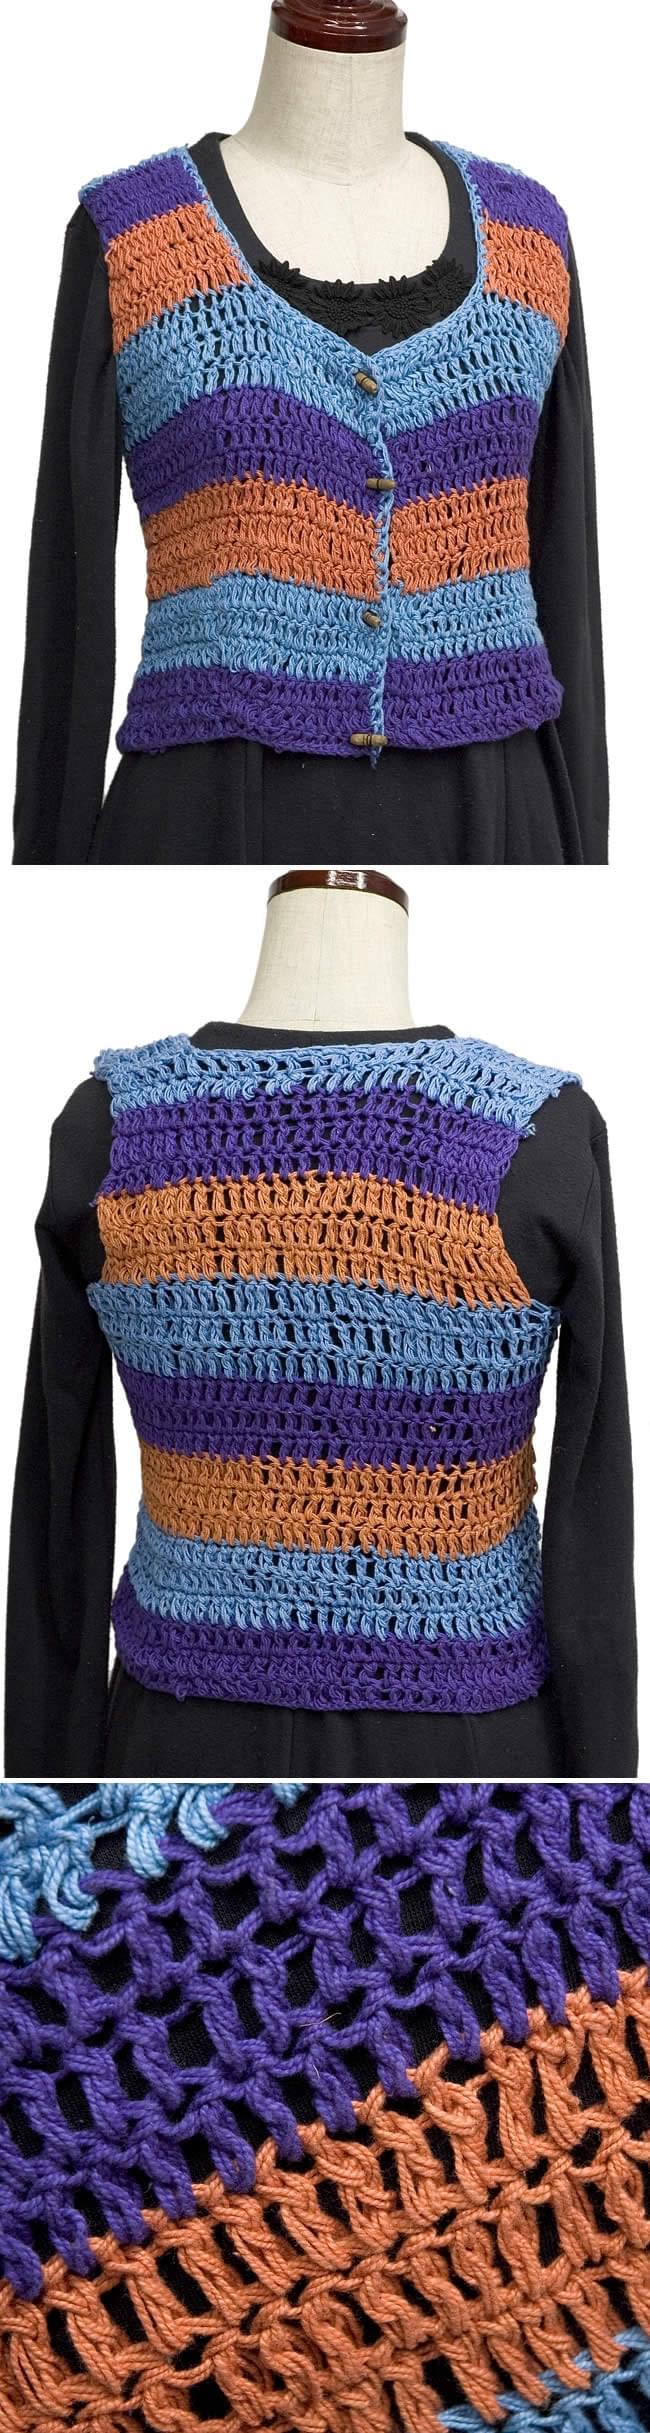 コットン編みベストの写真1